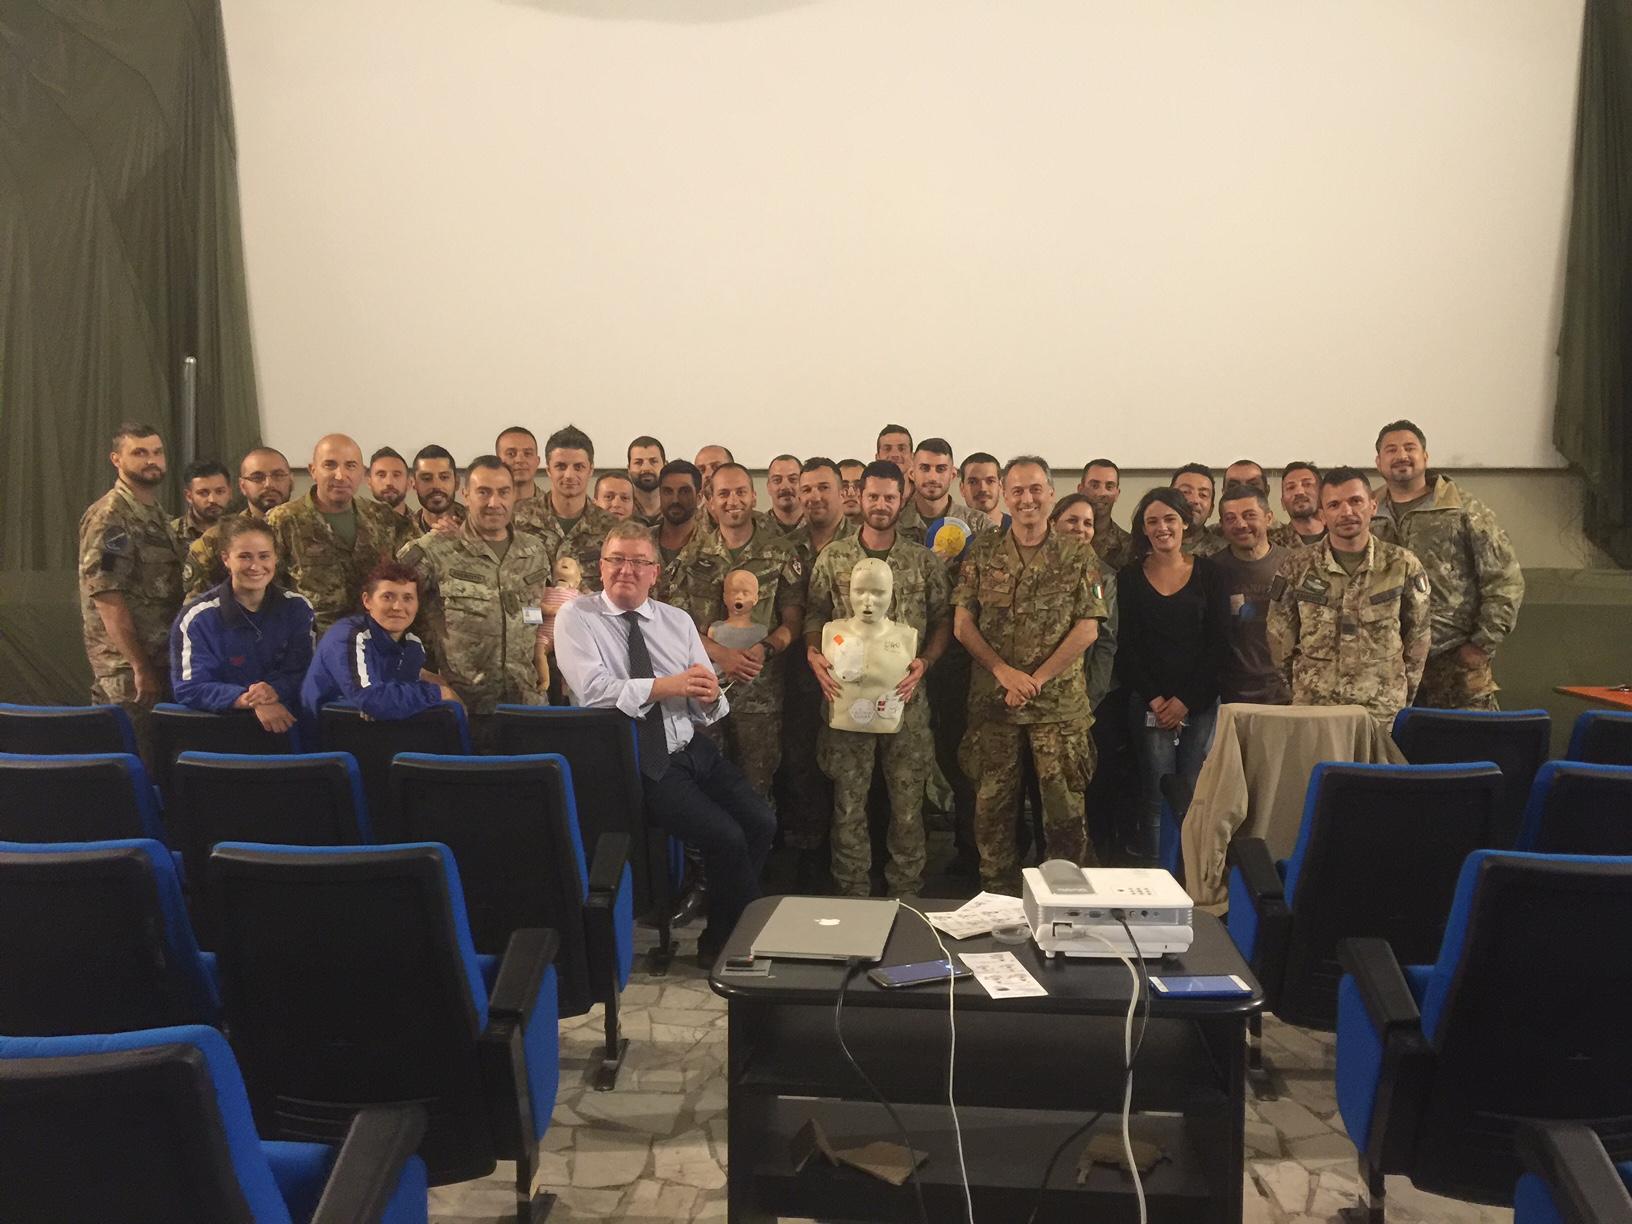 Una simpatica foto dei militari con il nostro amico Ugo....